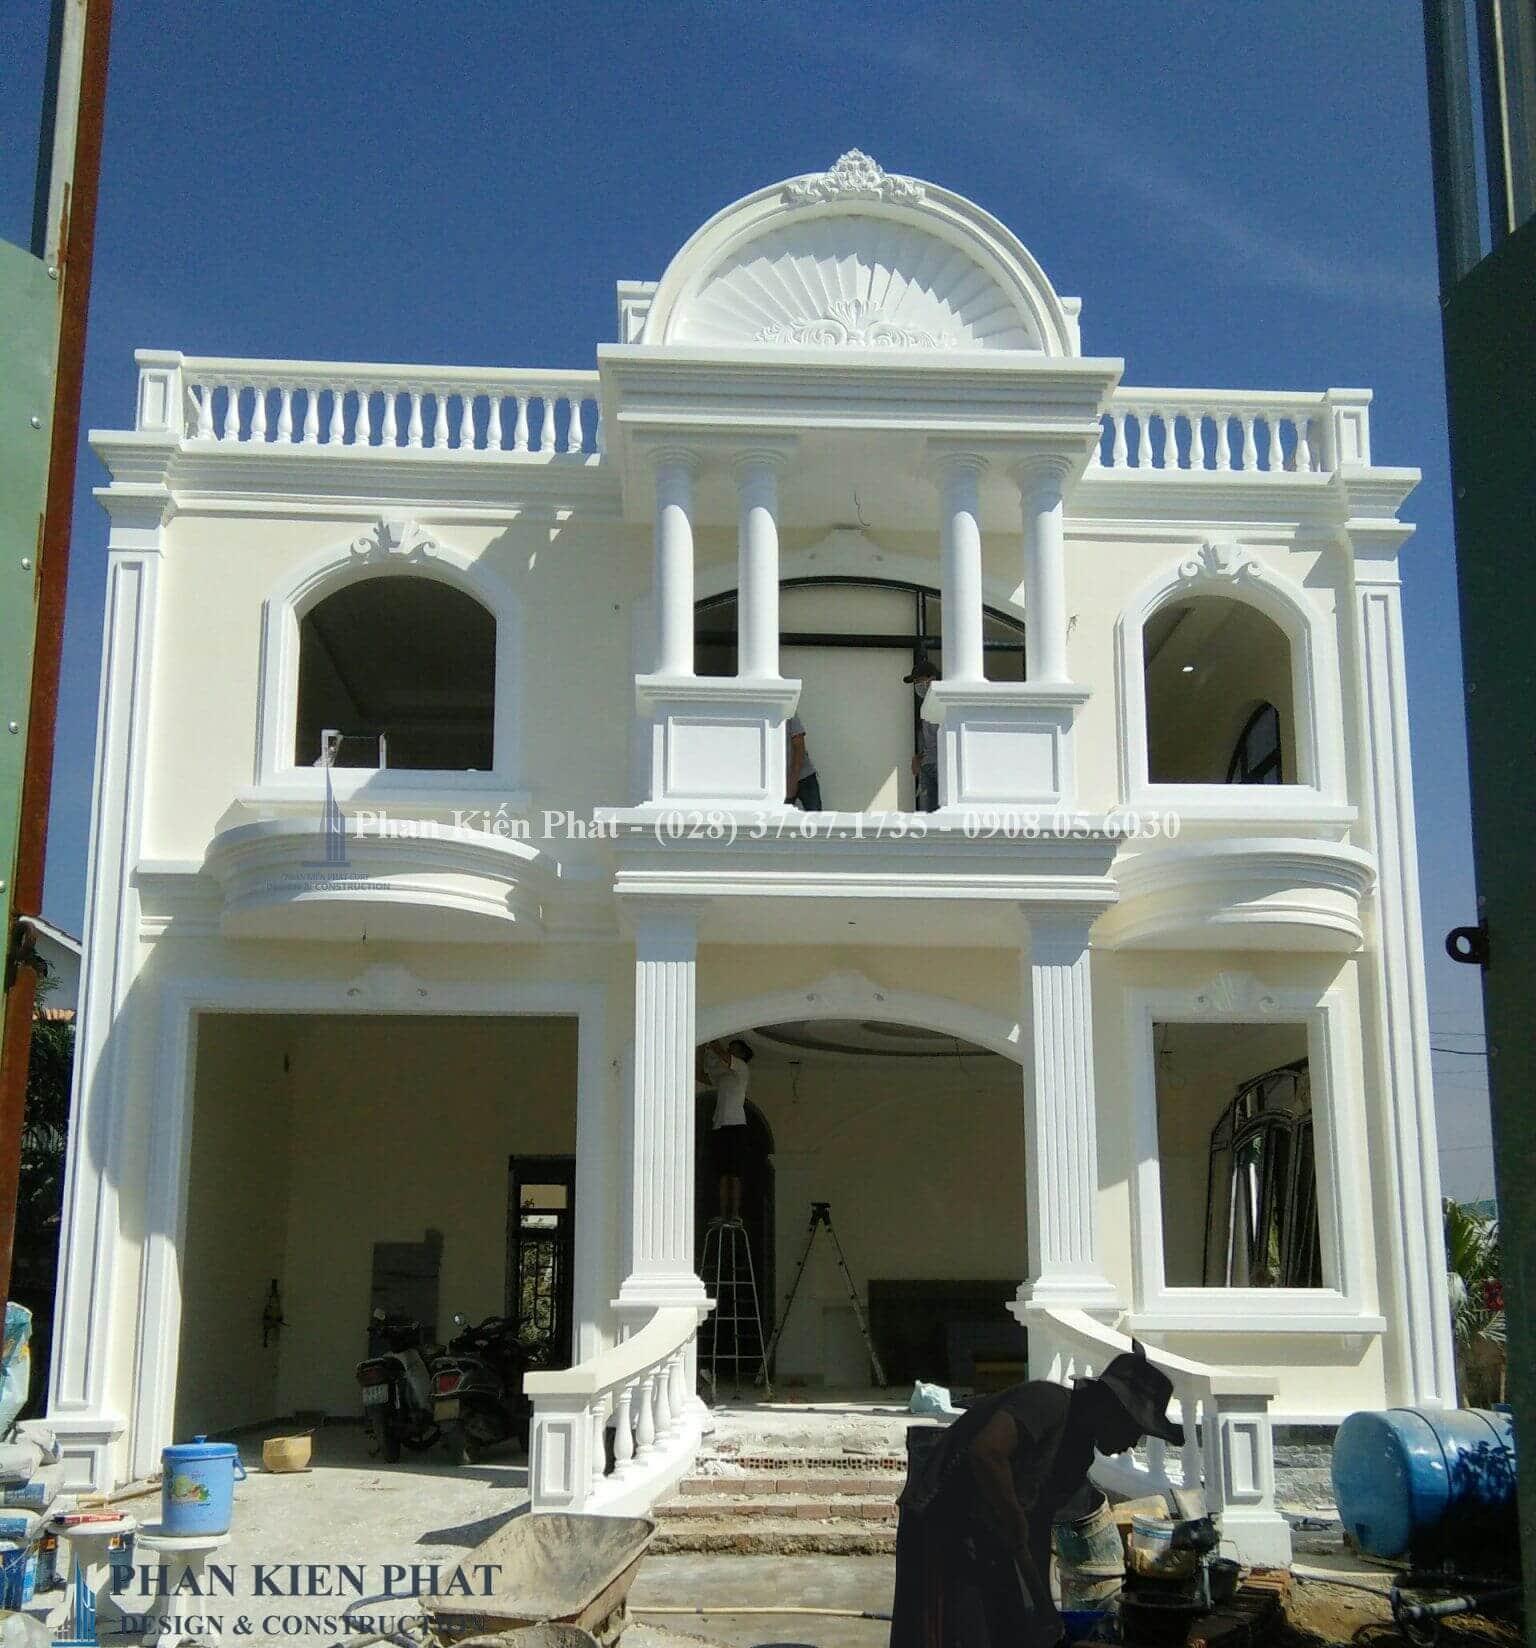 Hoan Thien Cong Tac Ngoai That V2-- công trình biệt thự cổ điển 2 tầng